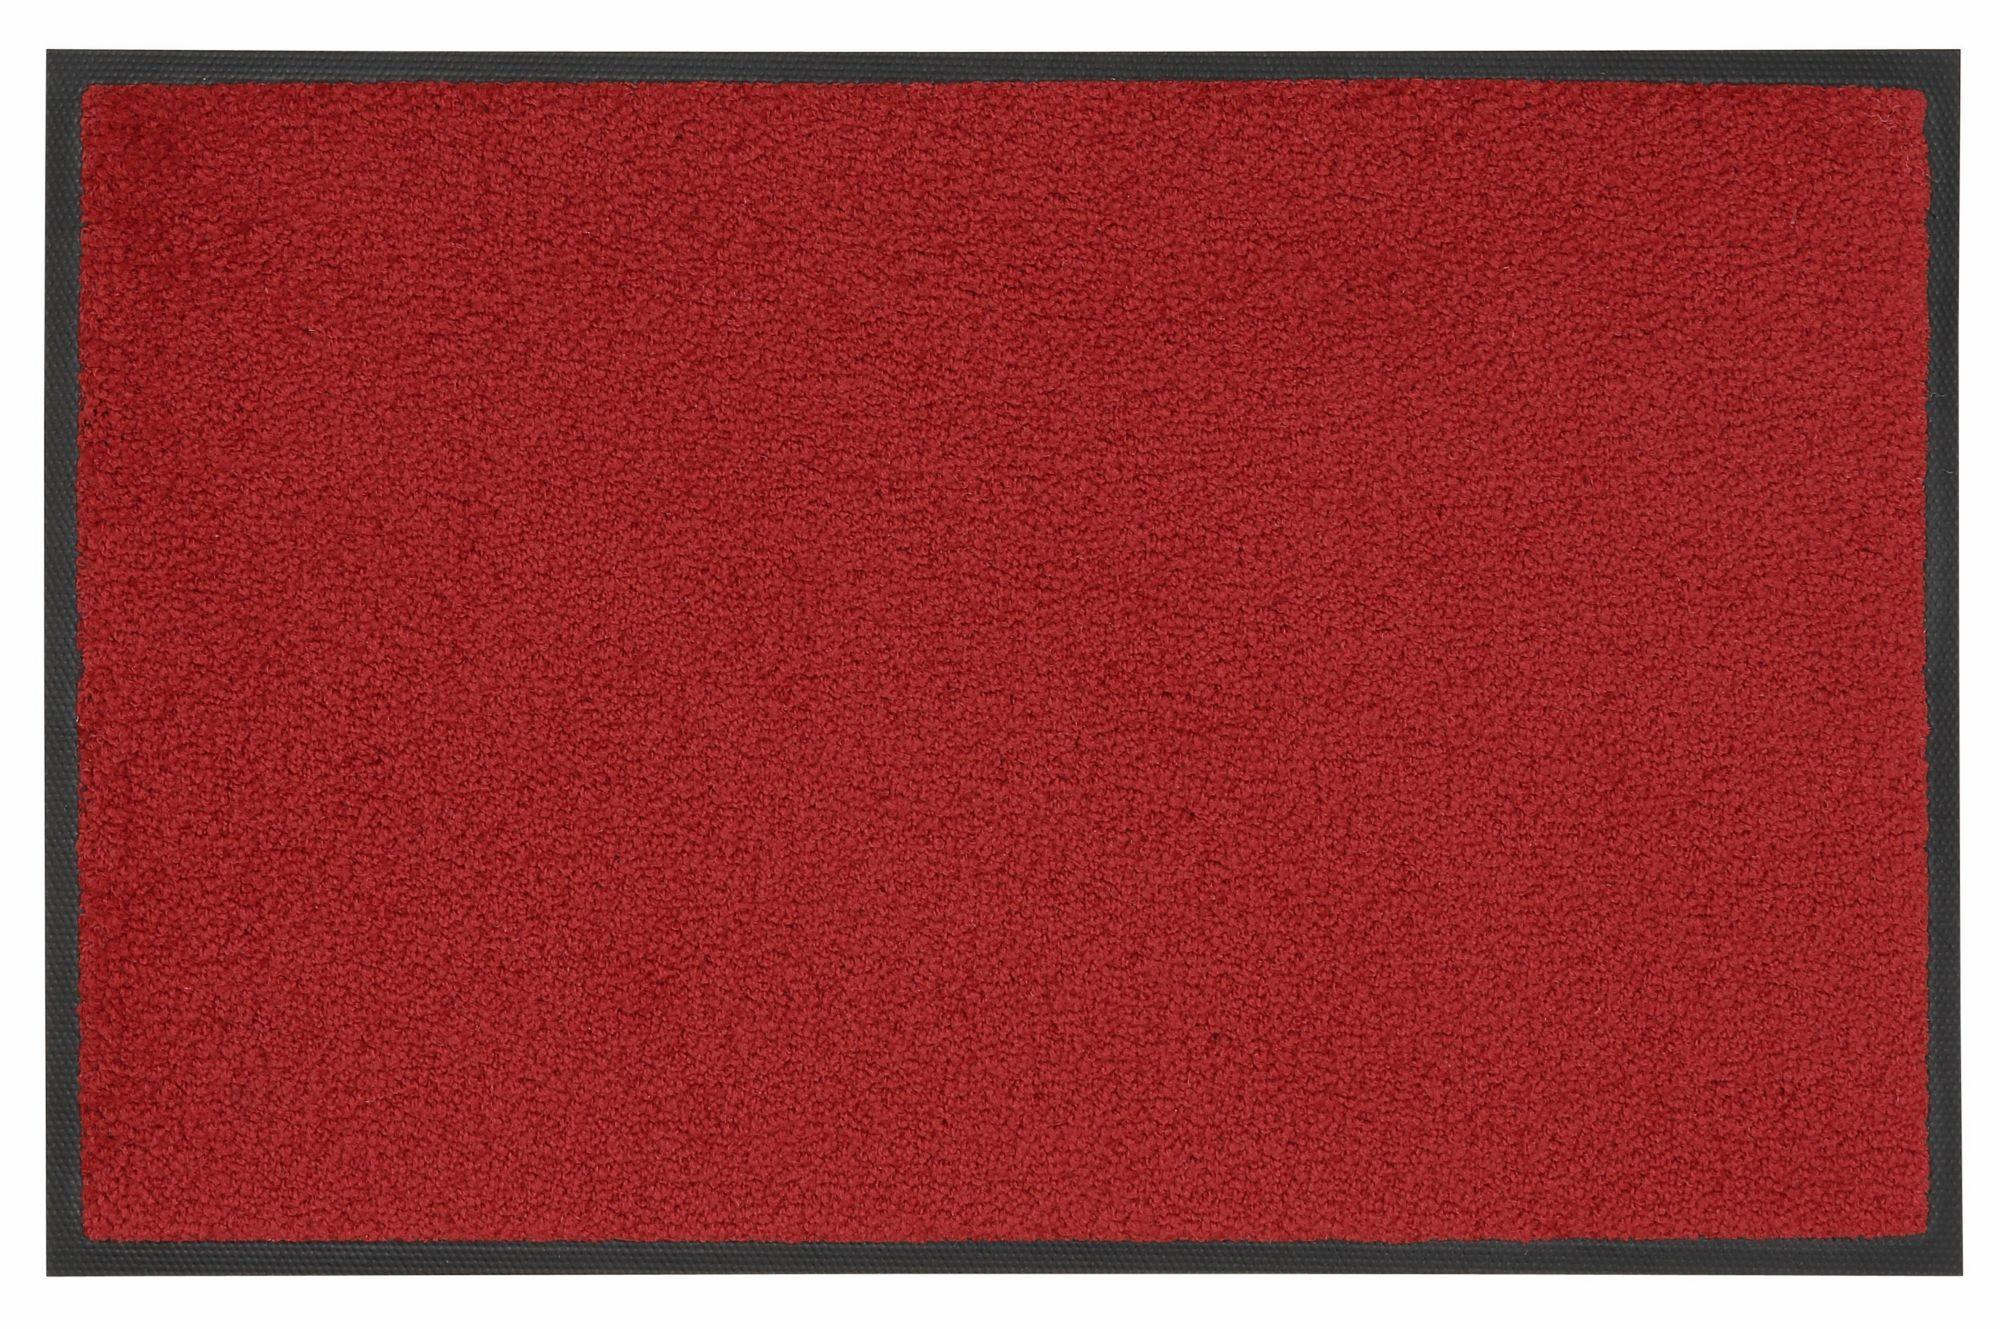 Fußmatte, »Original Uni«, wash+dry by Kleen-Tex, rechteckig, Höhe 7 mm, gedruckt